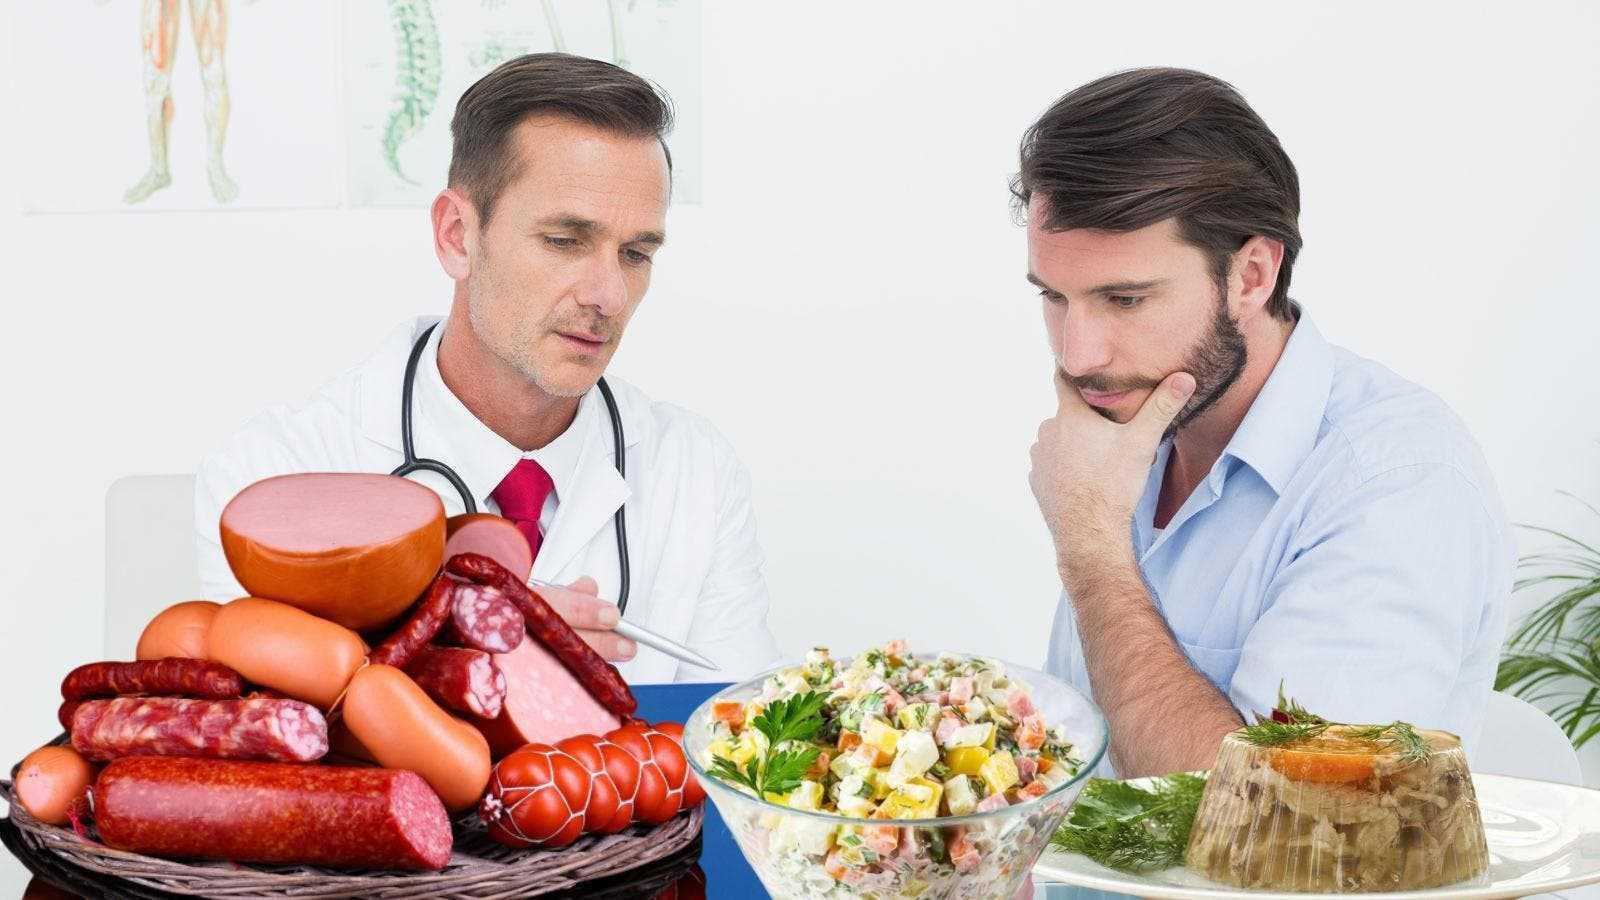 Вредно ли красное мясо? максимально объективный взгляд